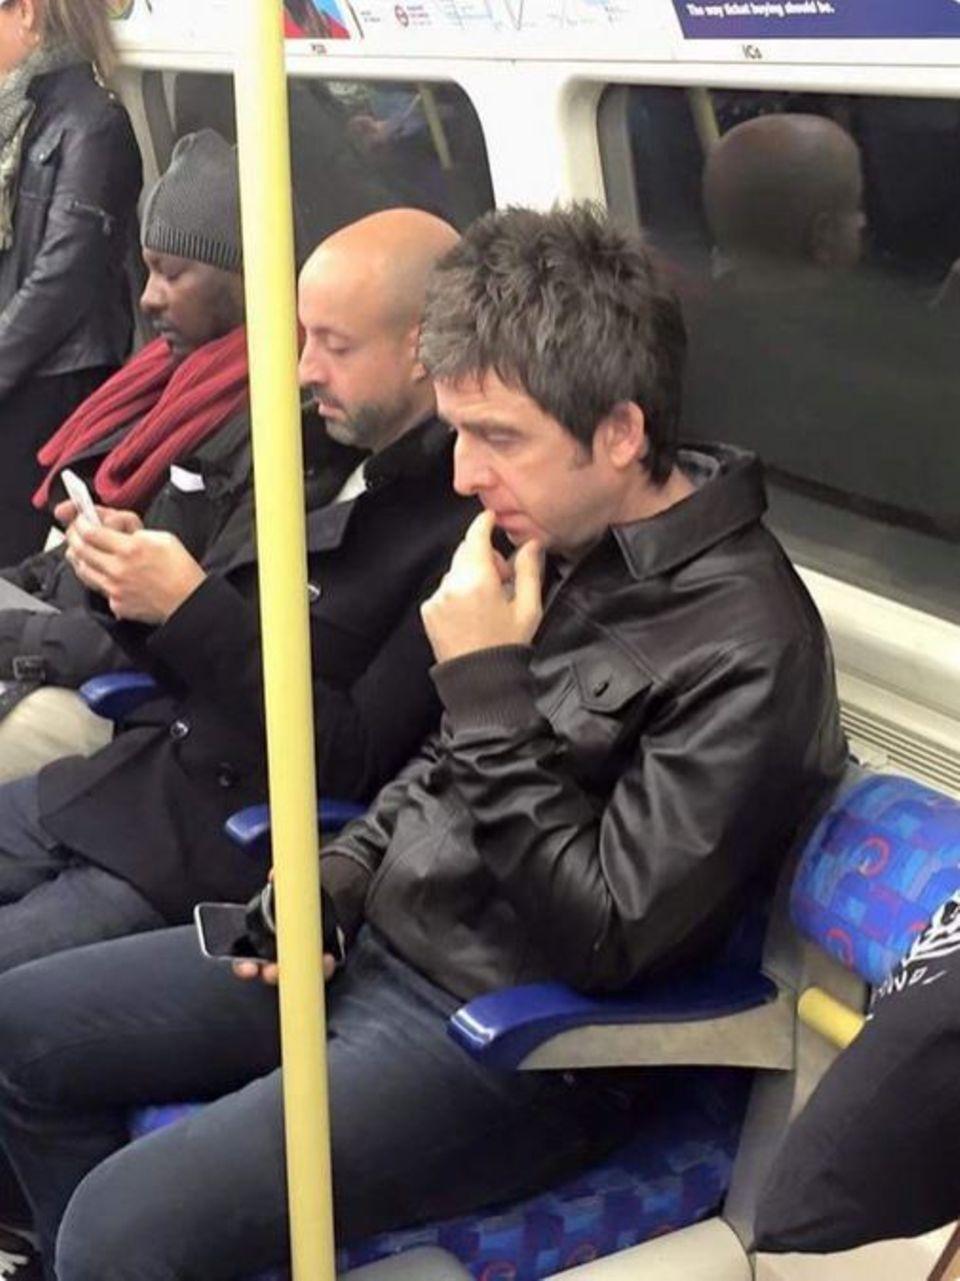 Keeps cool: Noel Gallagher ist per U-Bahn auf dem Weg zu seinem Auftritt mit U2 in der Londoner O2-Arena.